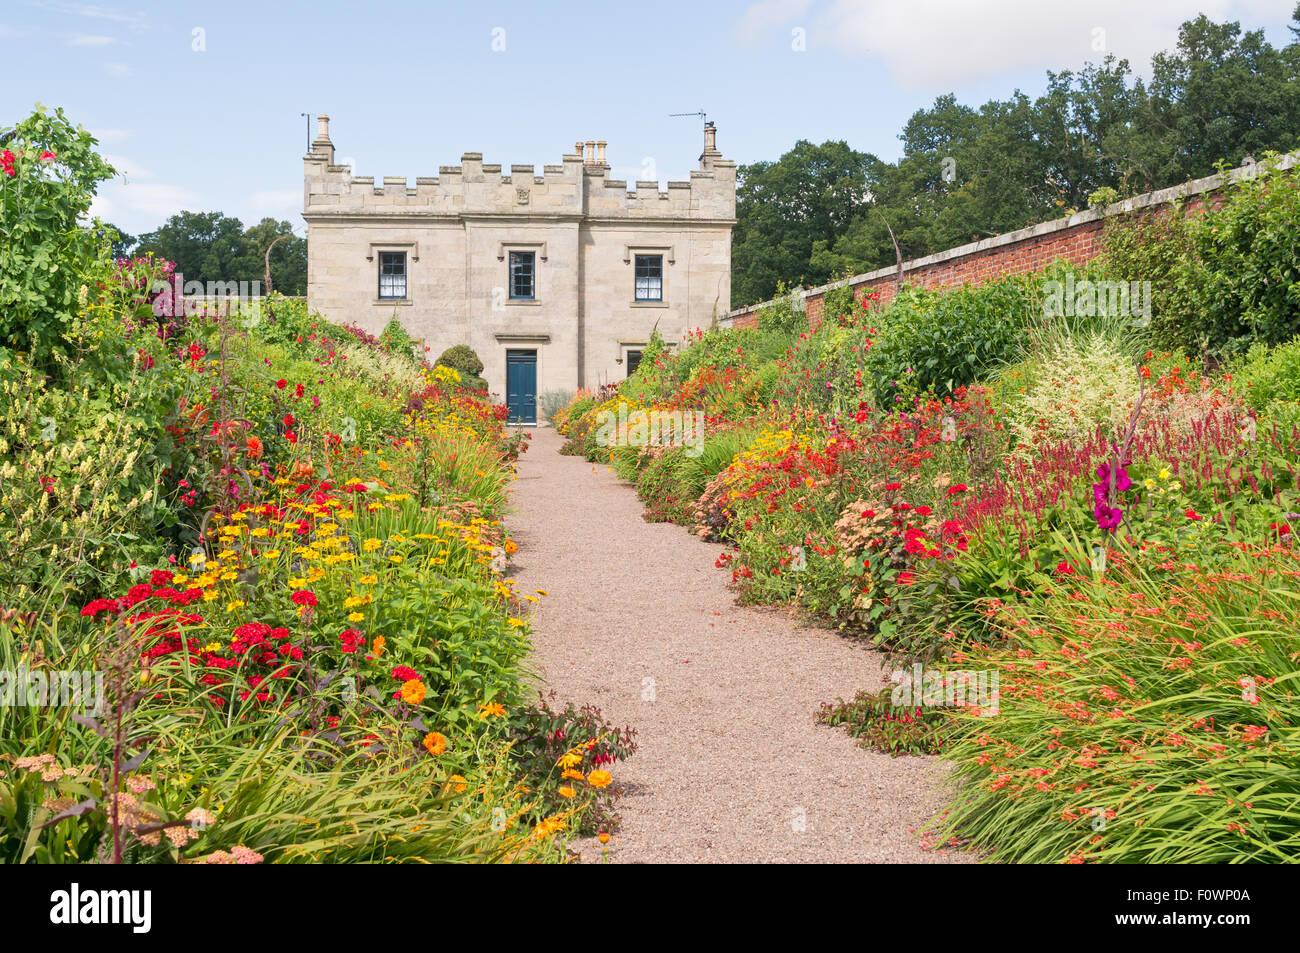 Flower border entro il giardino murato di piani Castello, a Kelso, Scottish Borders, Scotland, Regno Unito Foto Stock